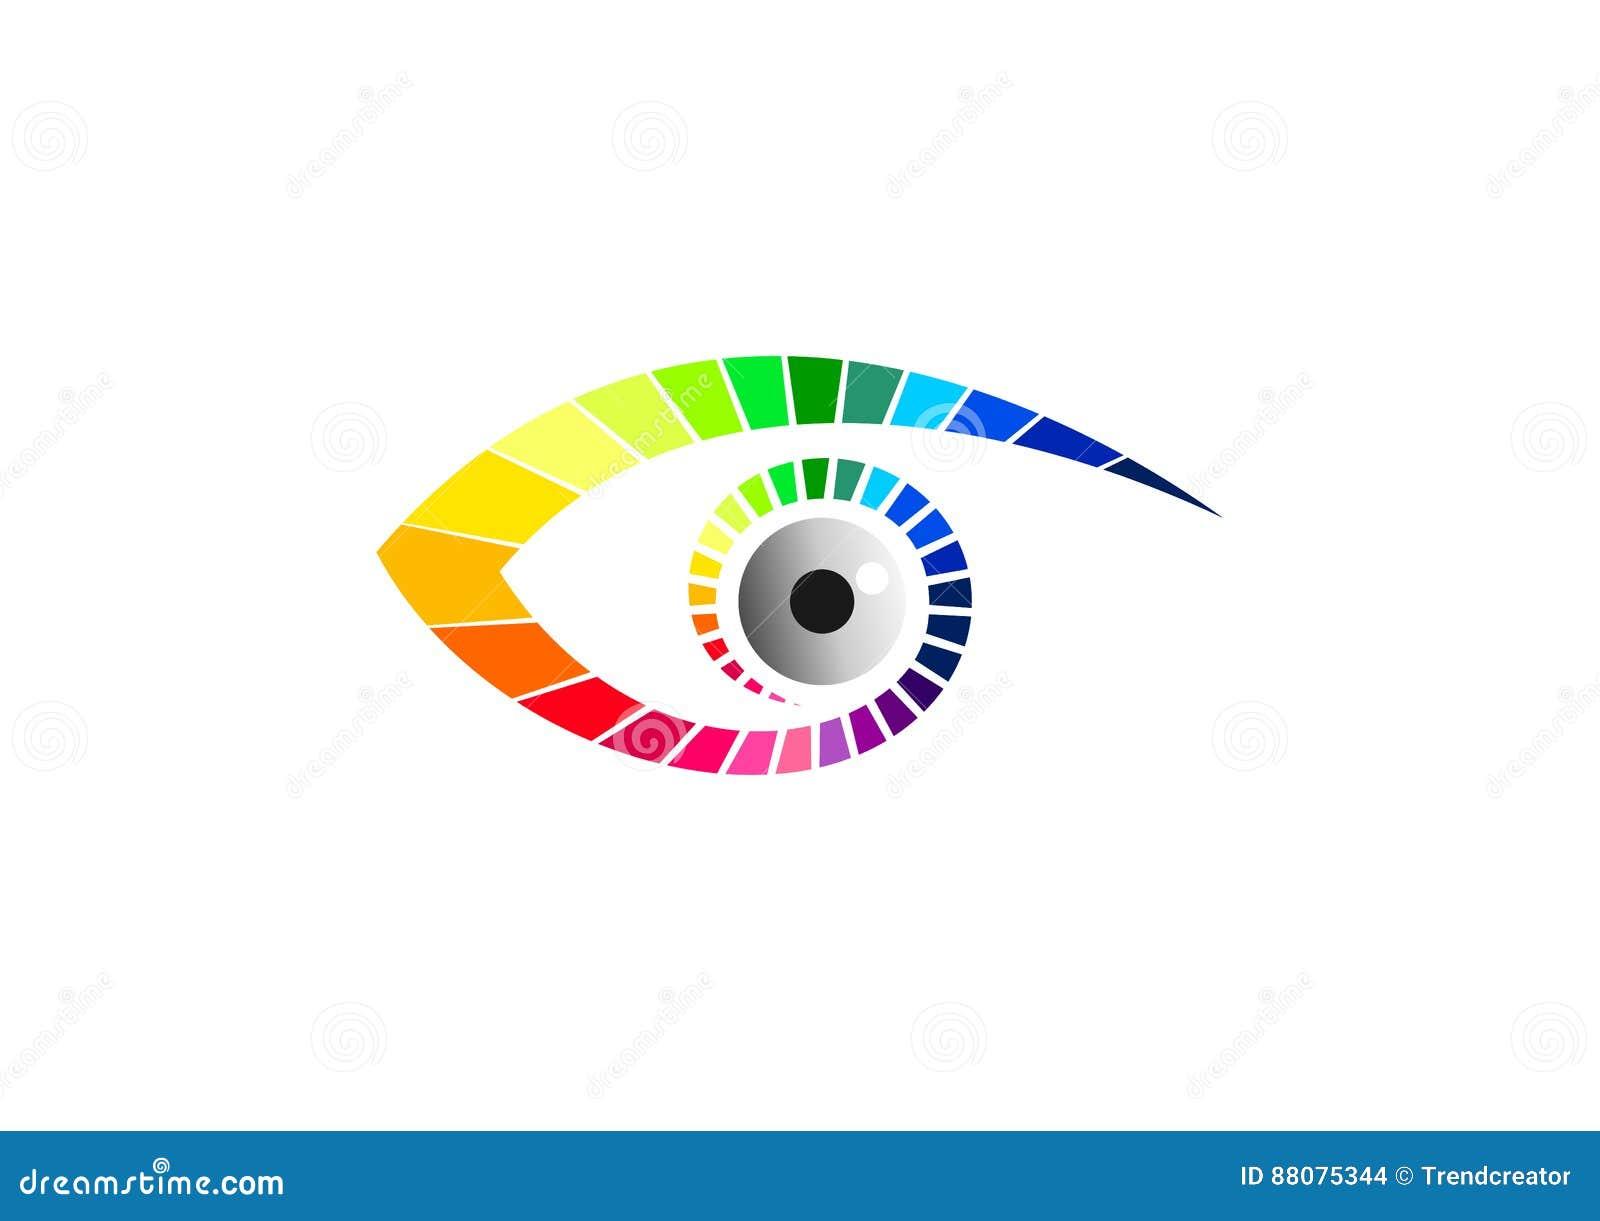 注视商标、视觉标志、时尚玻璃象,秀丽视觉品牌、豪华视觉图表和隐形眼镜构思设计